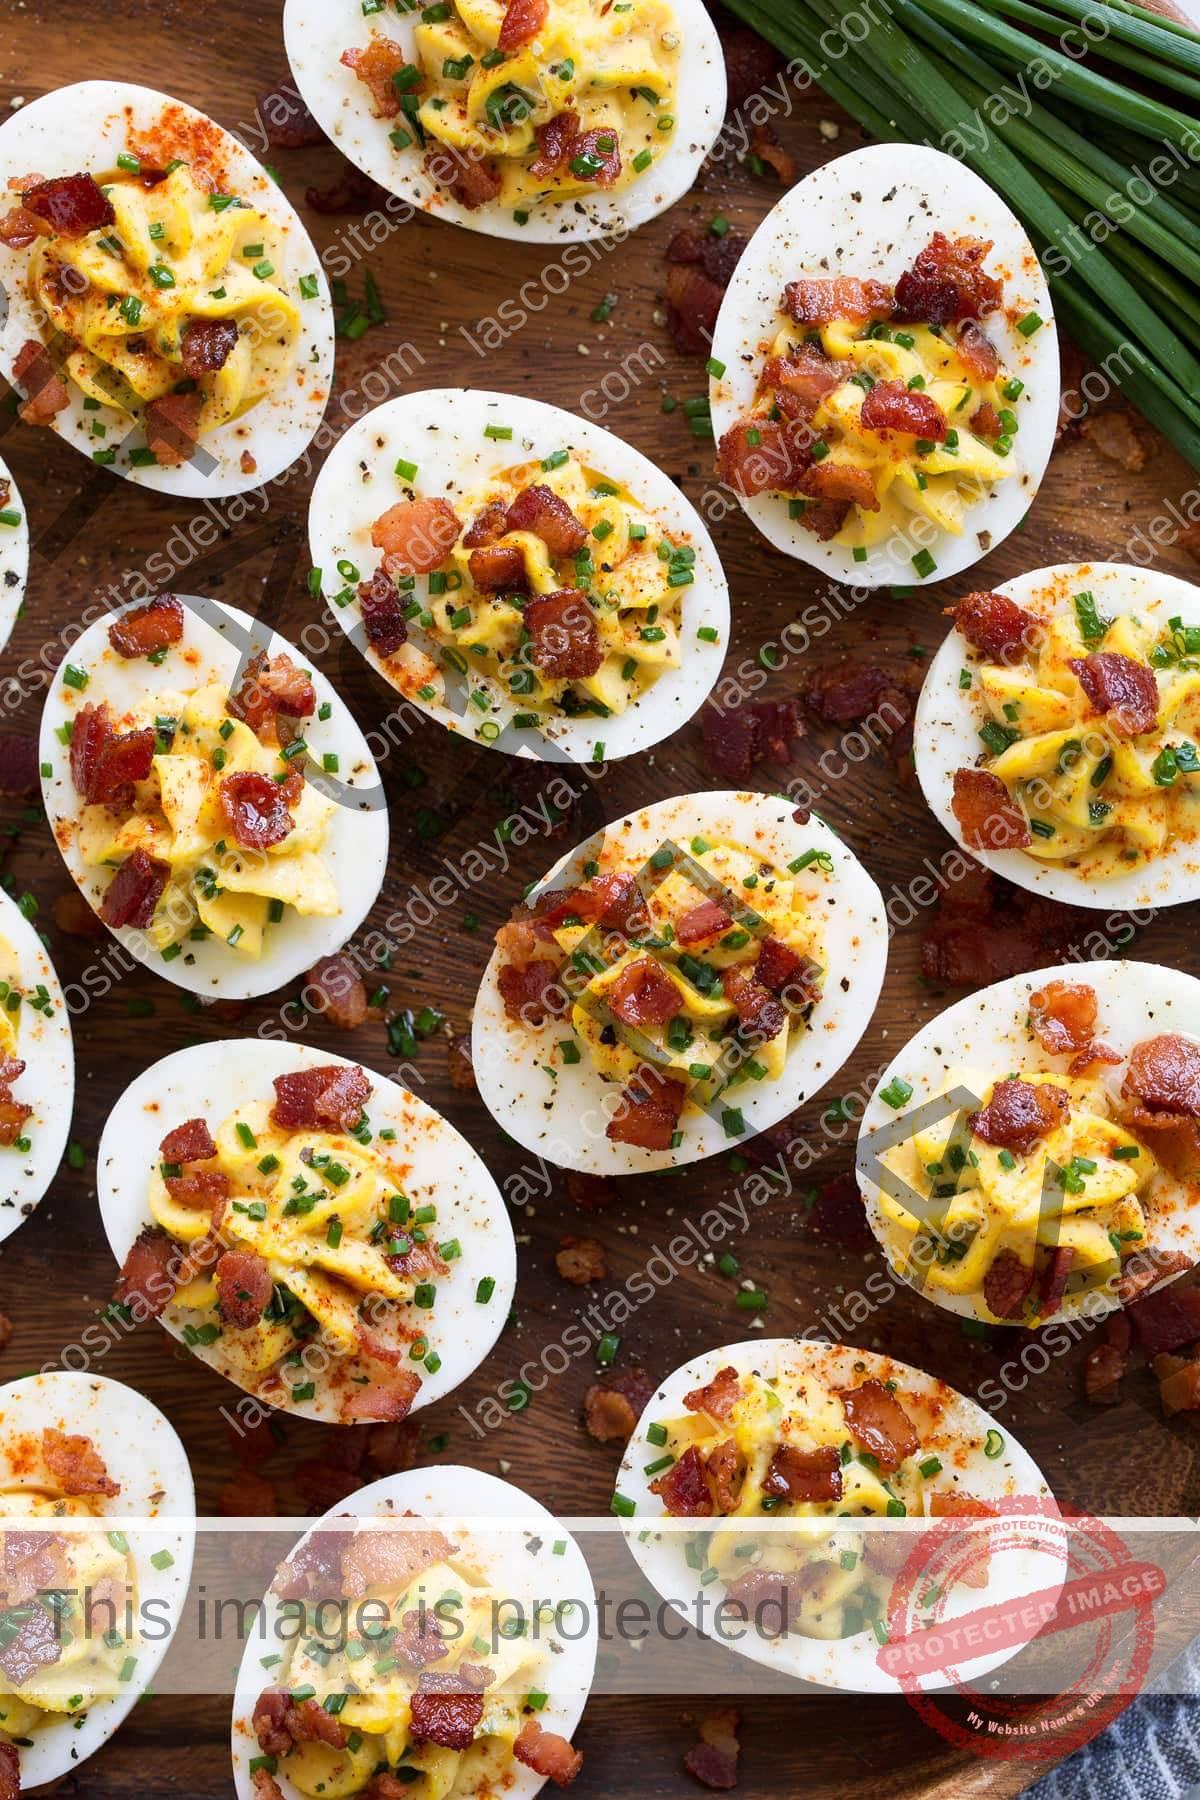 Huevos picantes adornados que se muestran arriba con cebolletas a un lado.